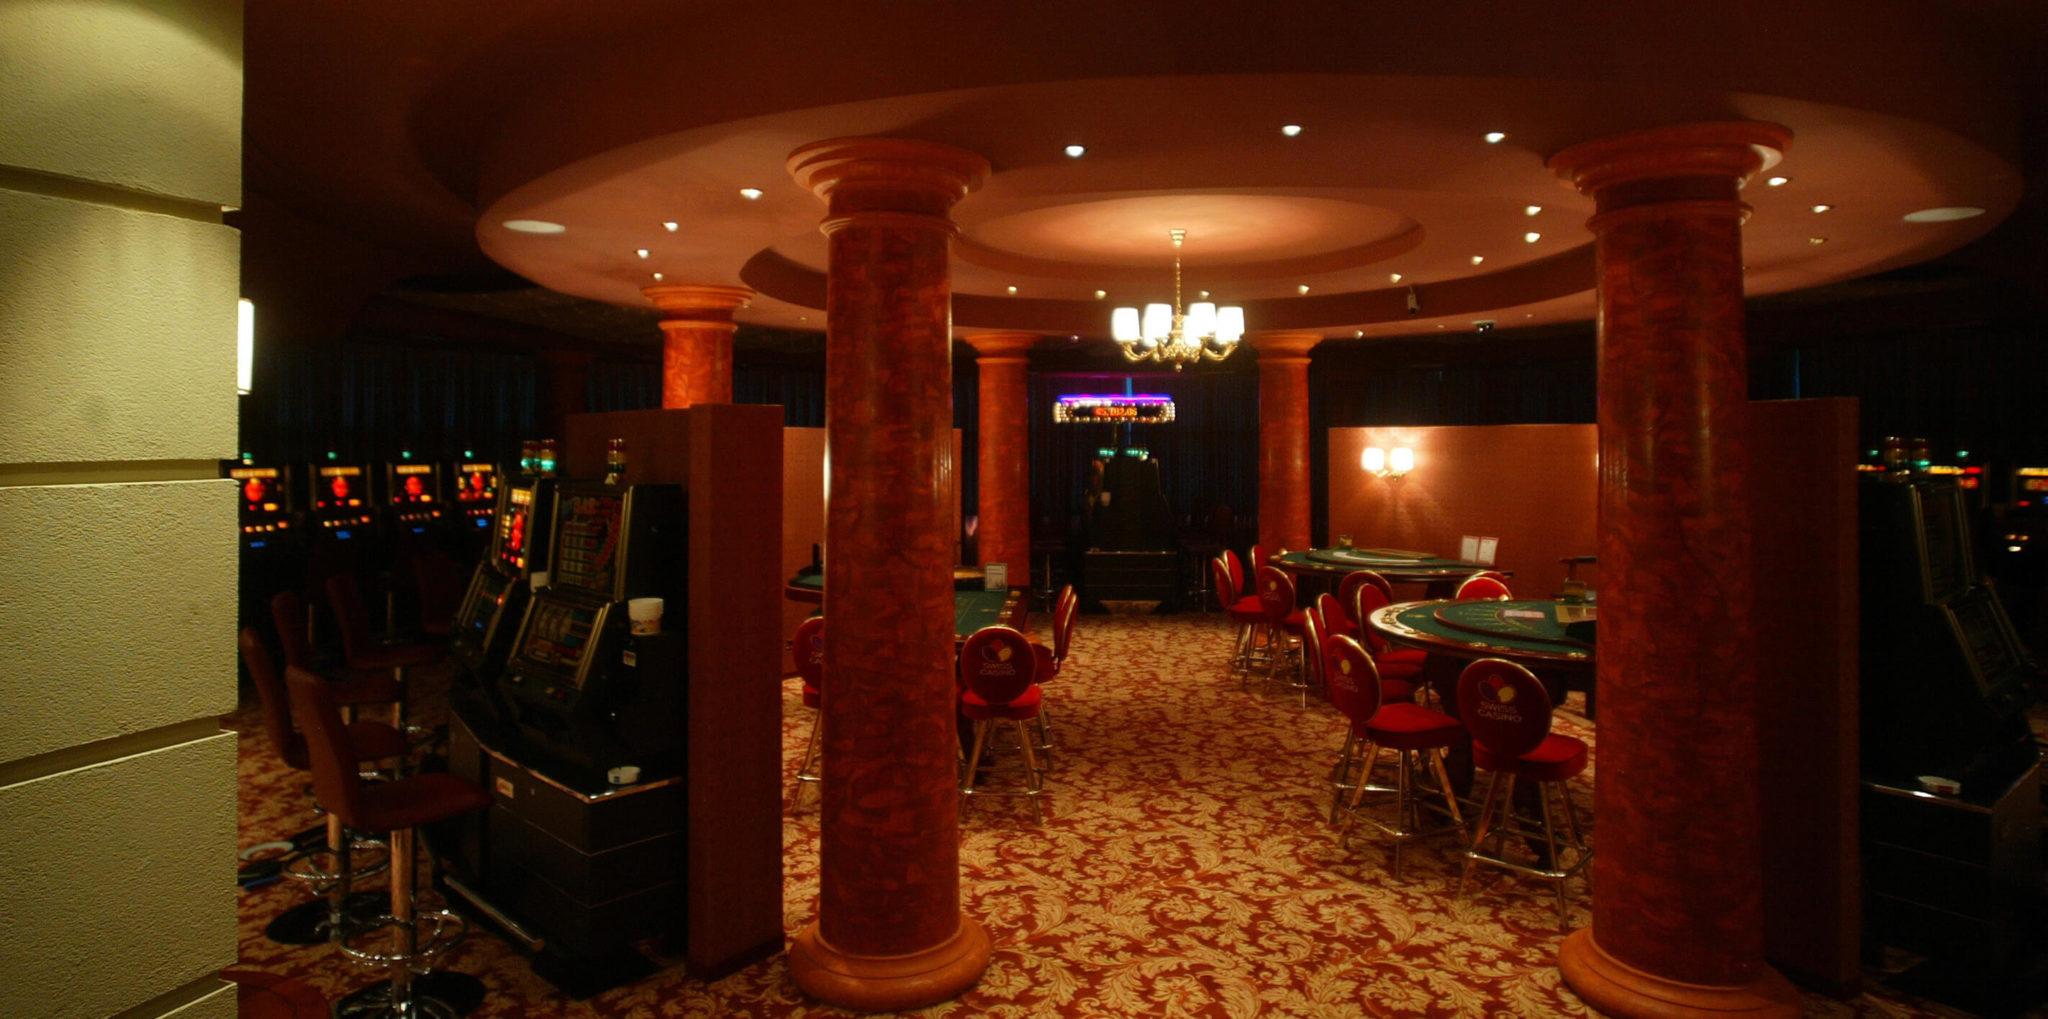 Swiss Casino Red Room